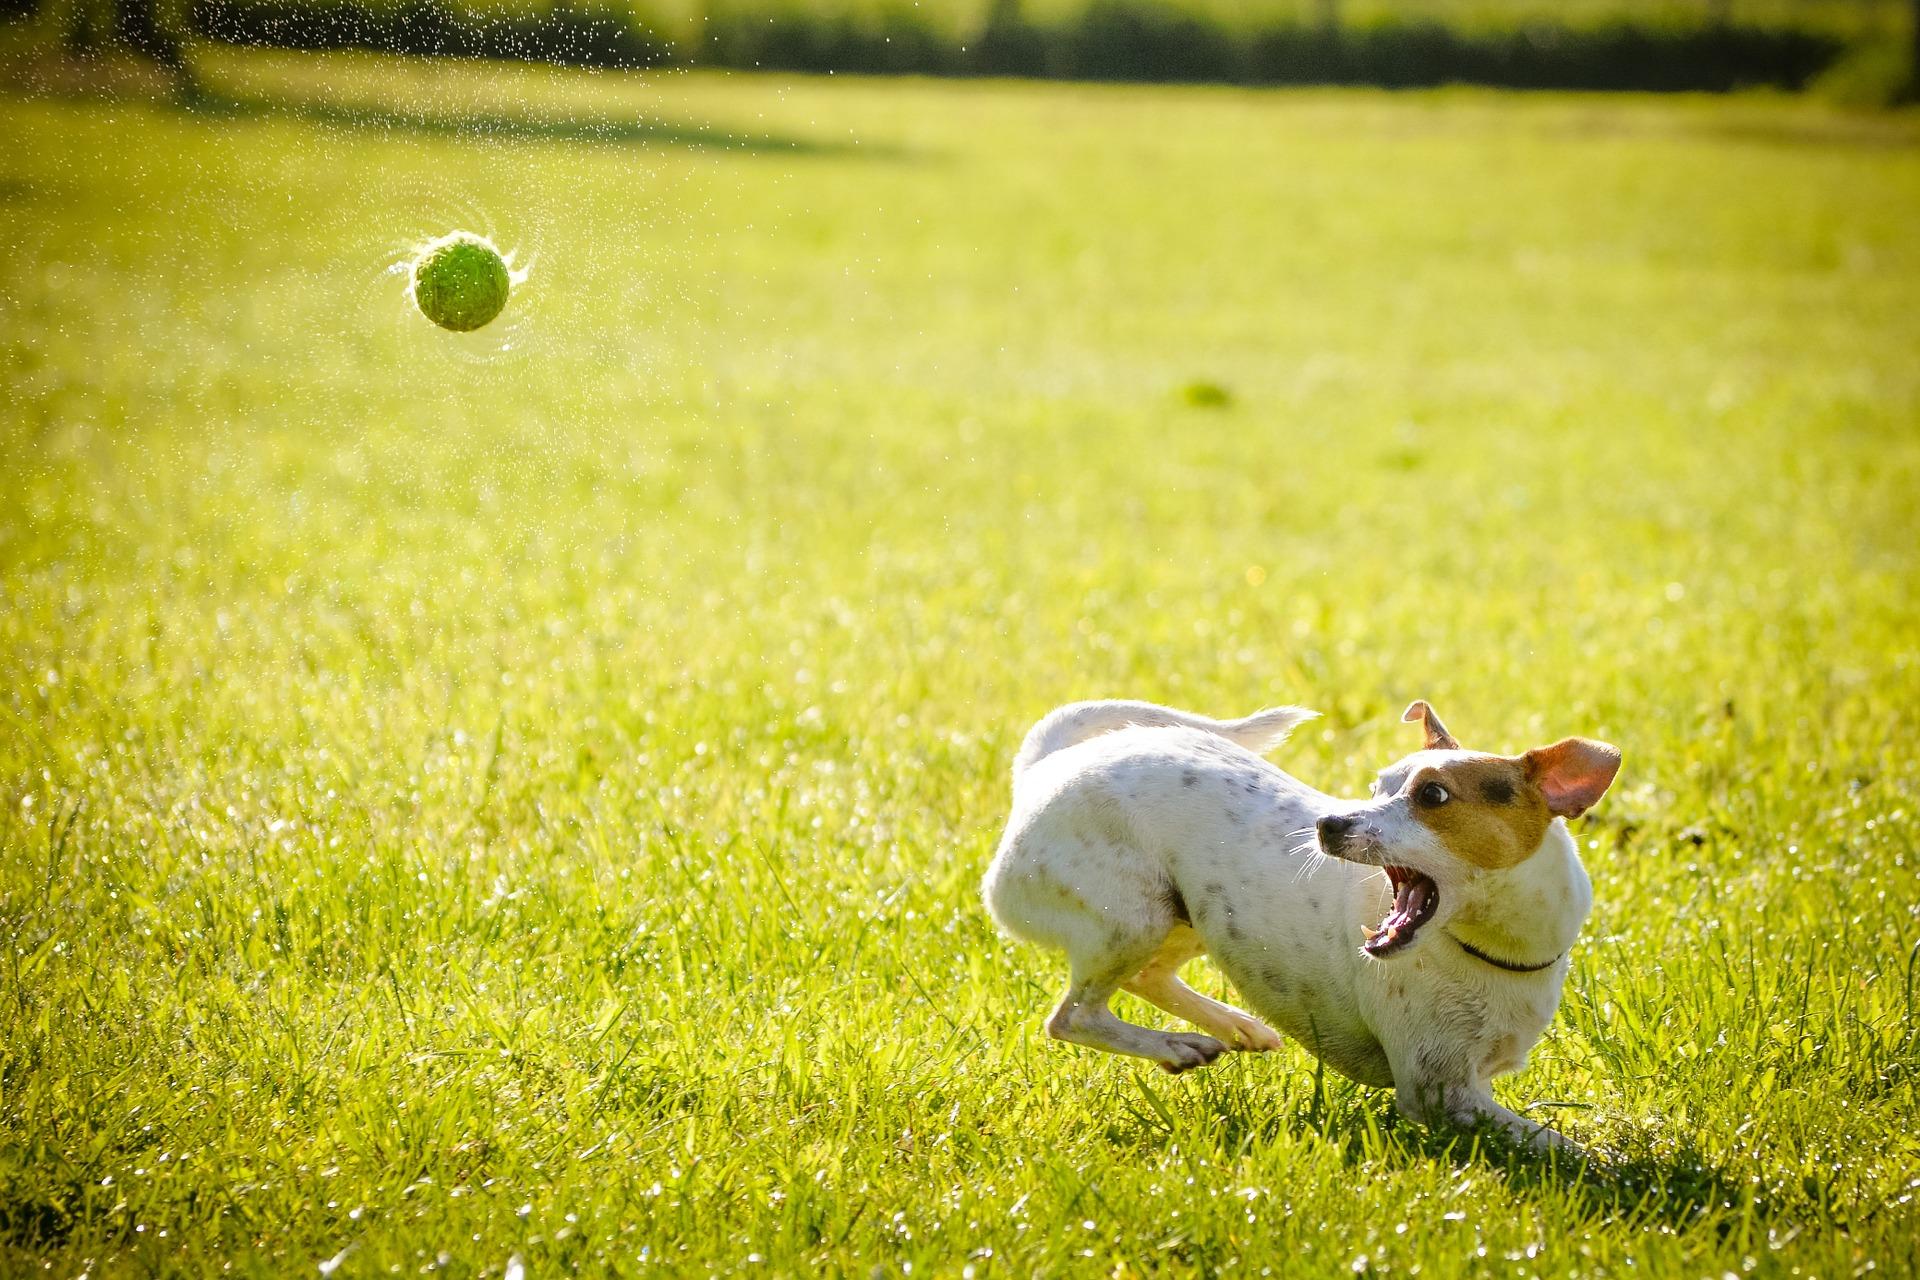 Si yo fuera perro, jugaría afuera todo el día.